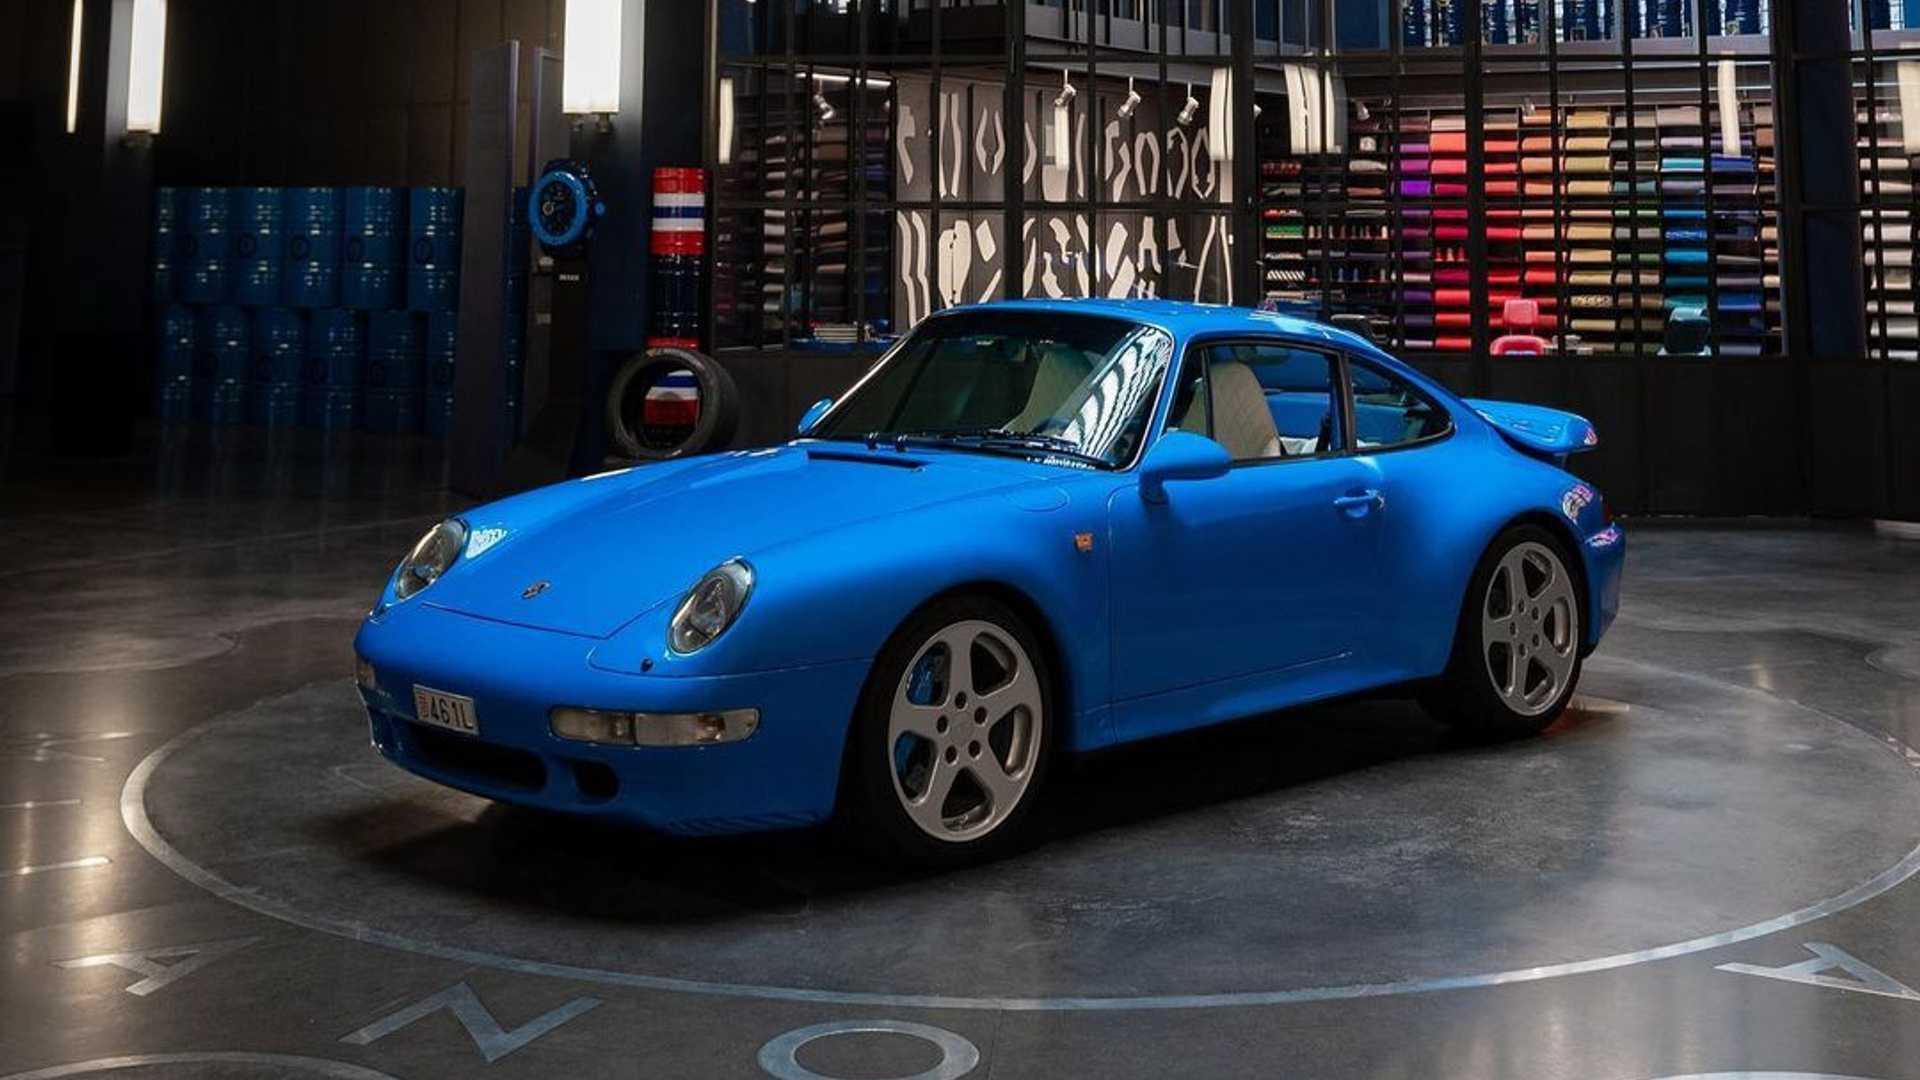 https://cdn.motor1.com/images/mgl/7qVv6/s6/porsche-911-993-turbo-azul.jpg